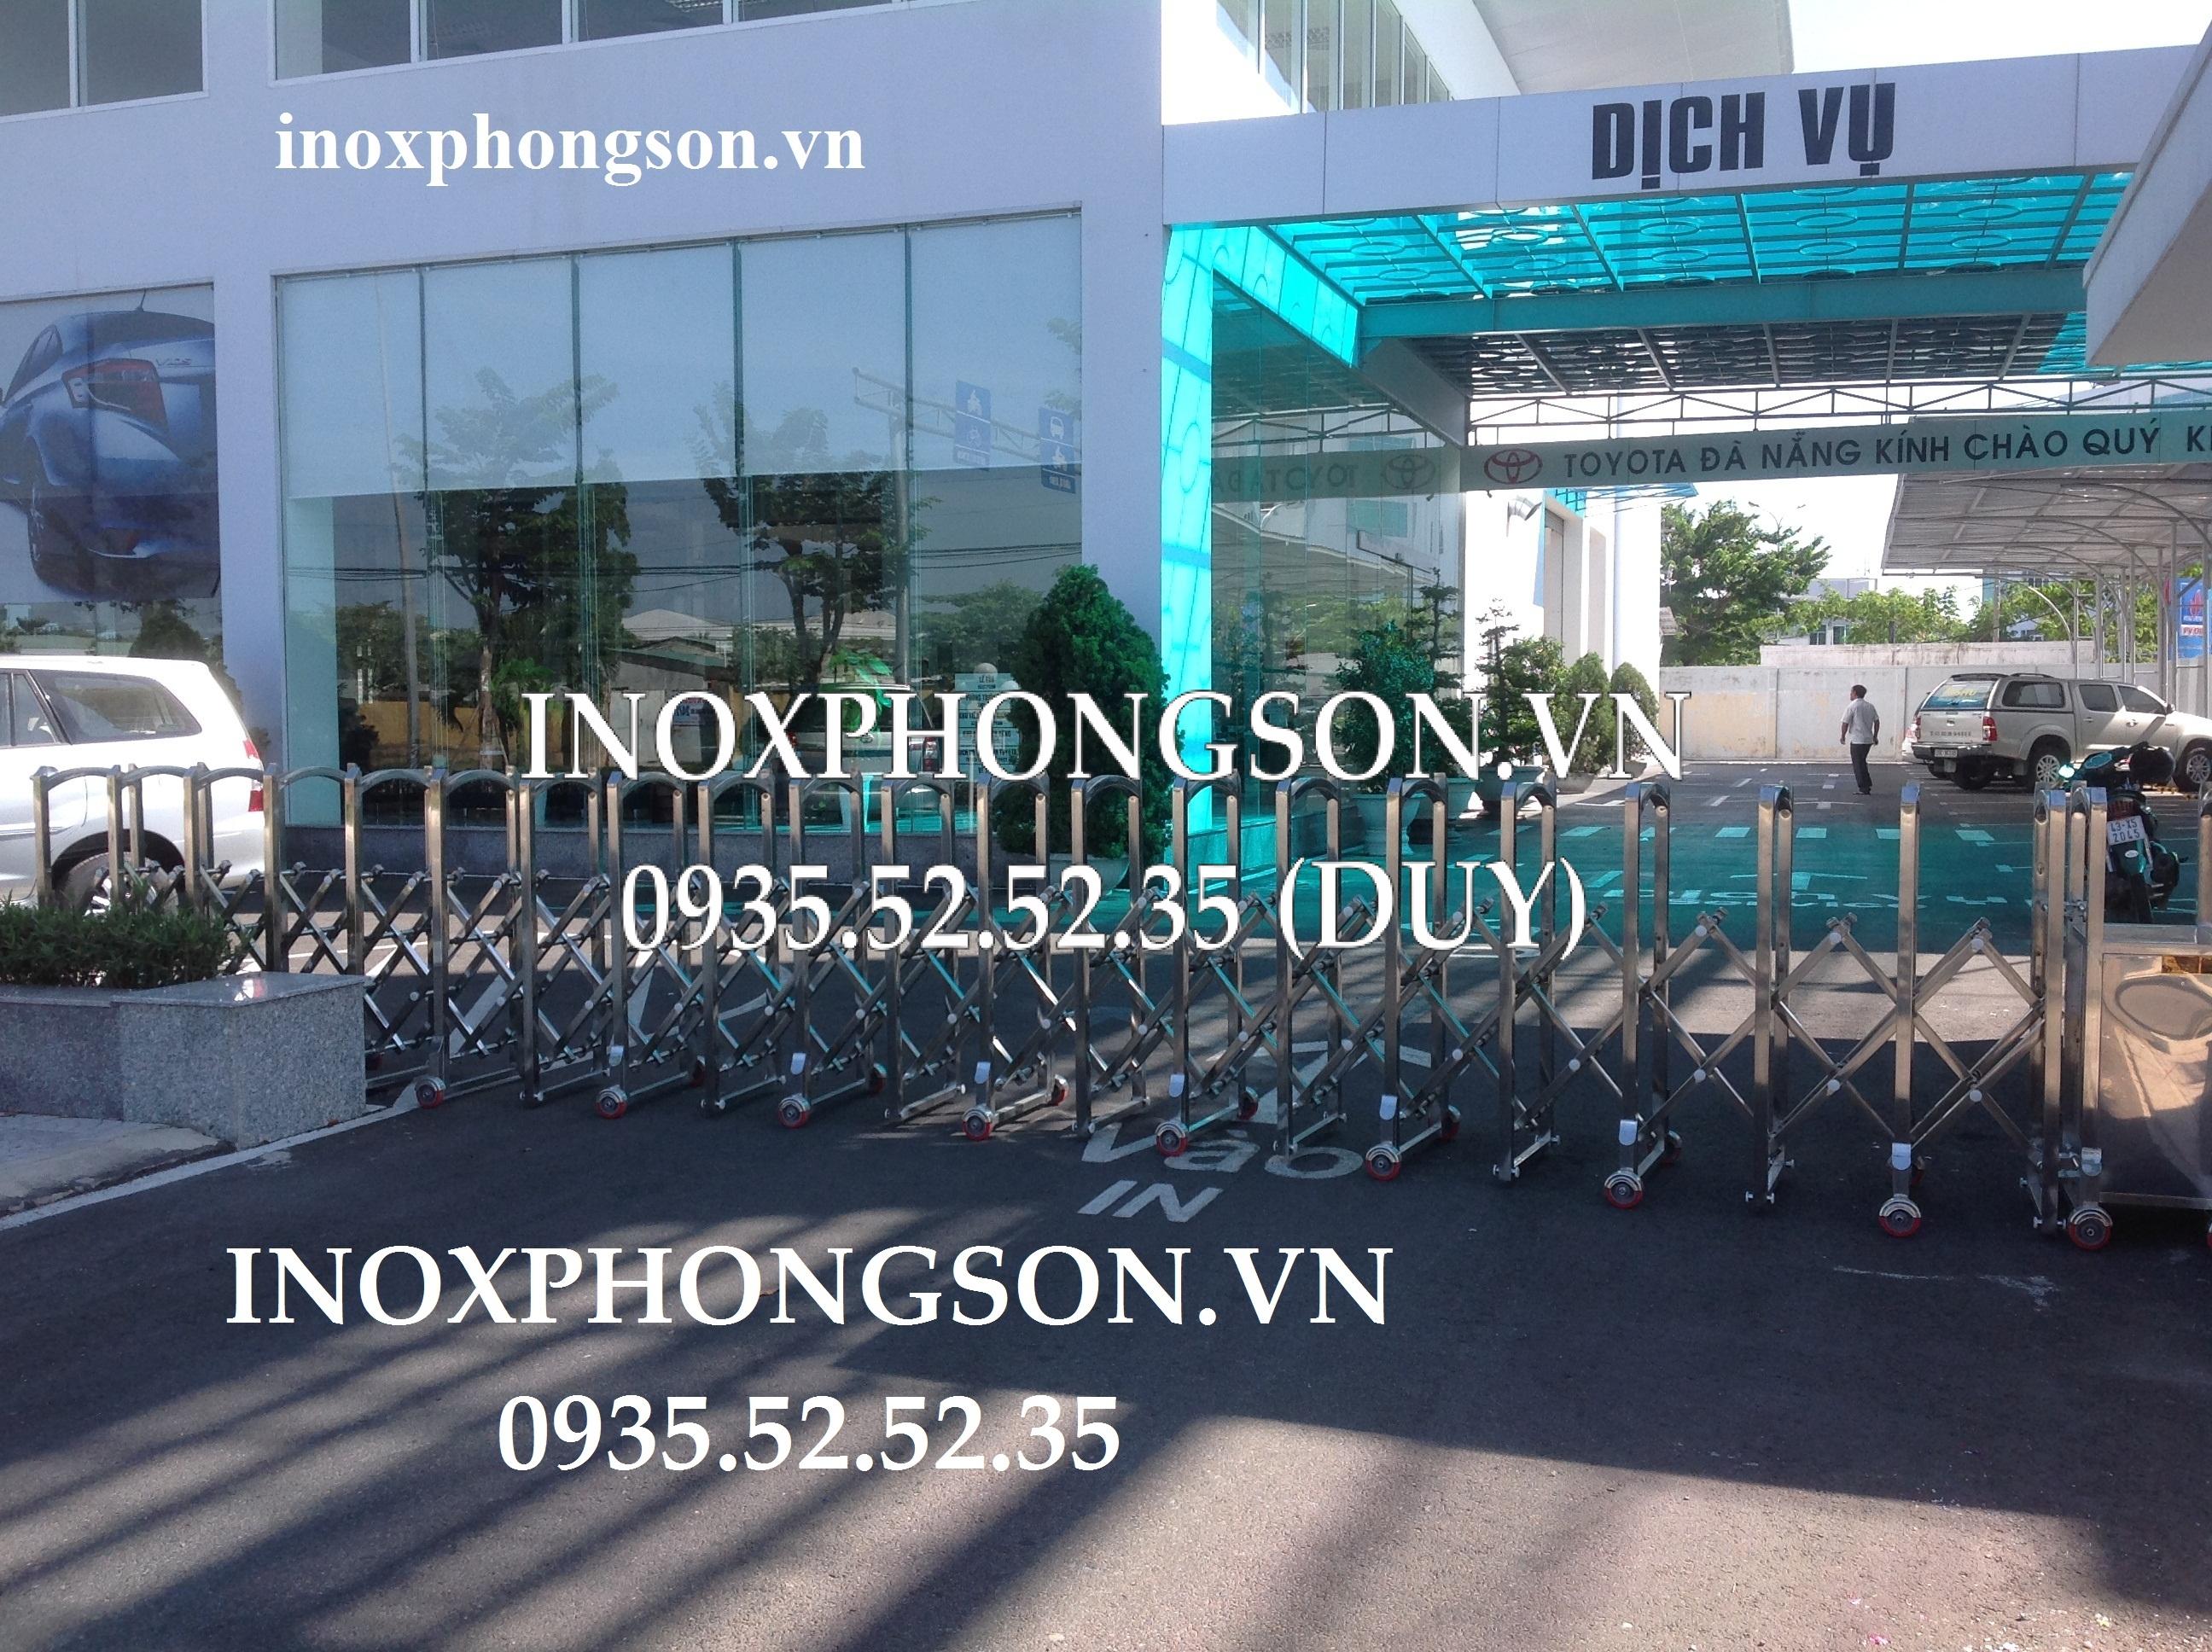 Cửa Cổng Xếp Việt Nam ở Công ty Toyota Đà Nẵng